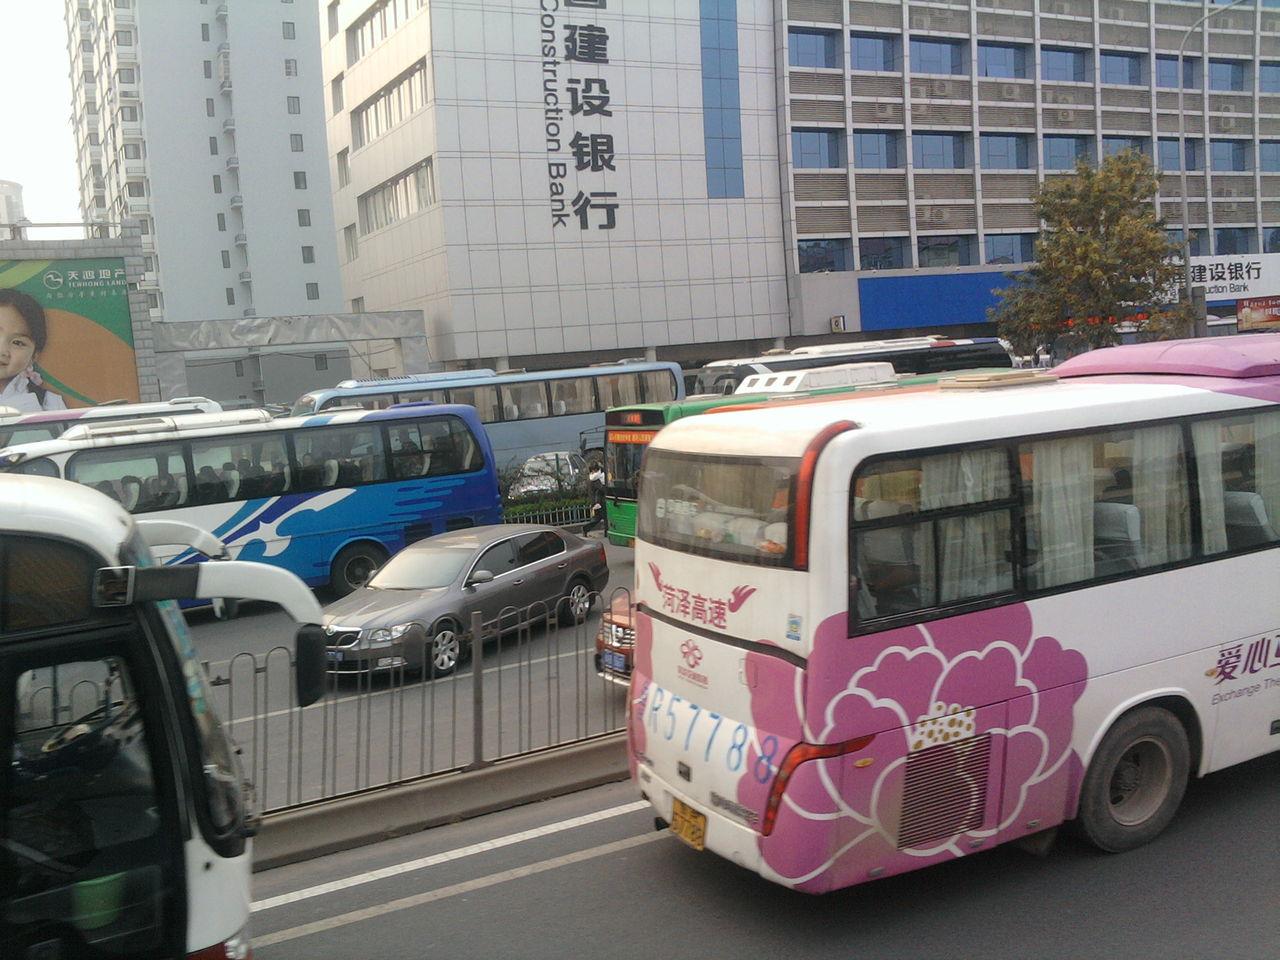 济南机场大巴_首都国际机场最近的长途汽车站,去山东济南,谢谢-